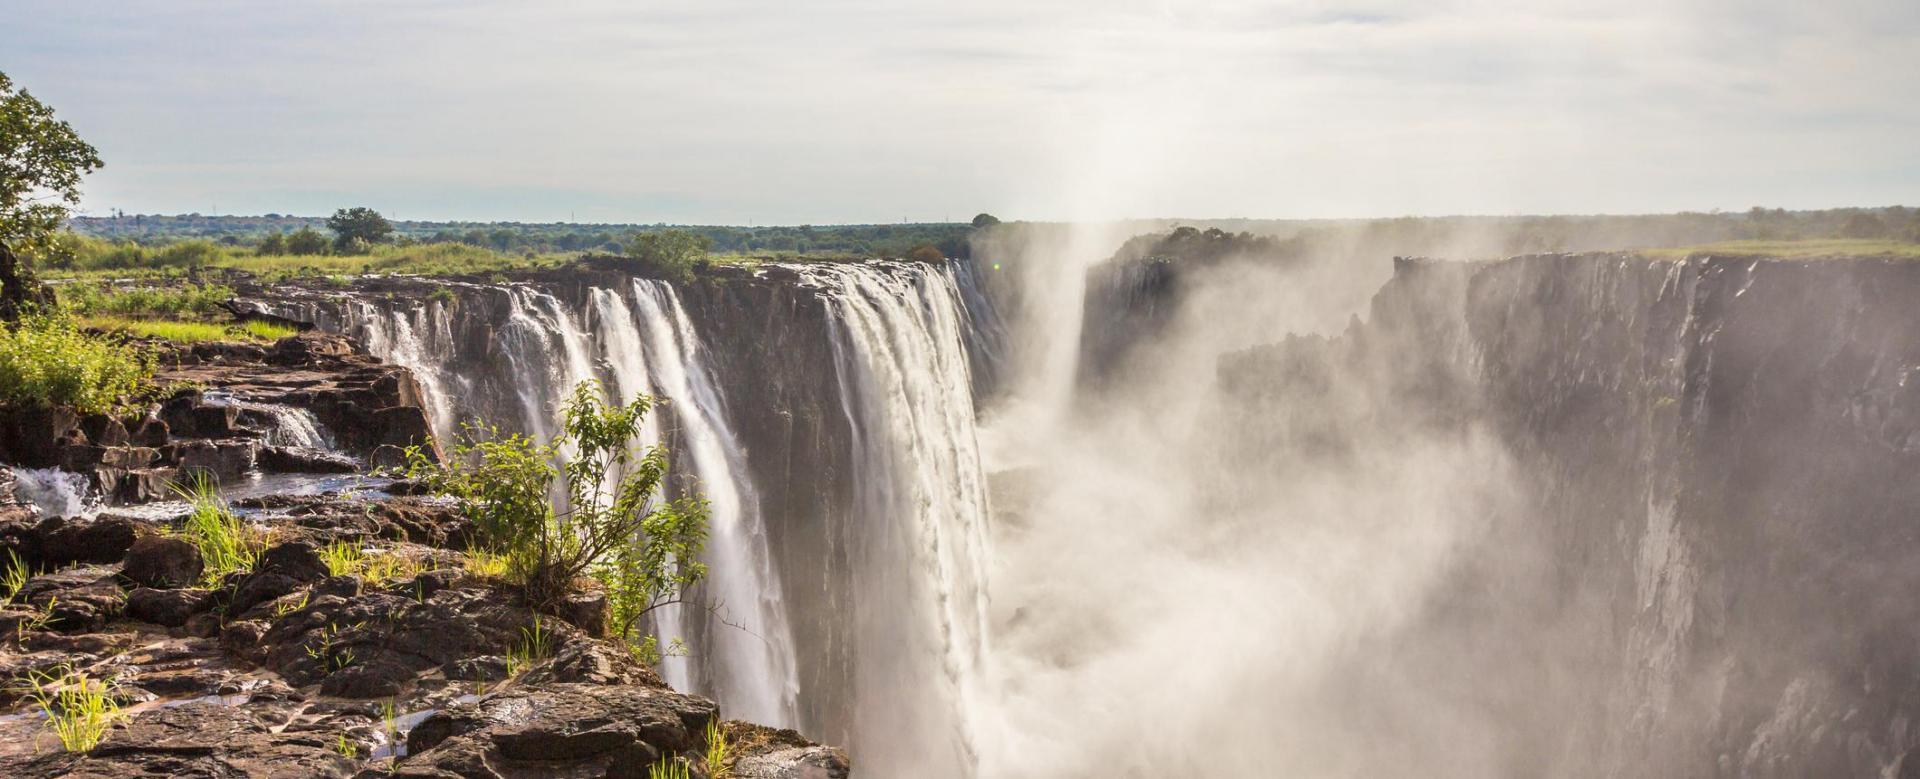 Voyage à pied : Les joyaux de l\'afrique australe en 21 jours